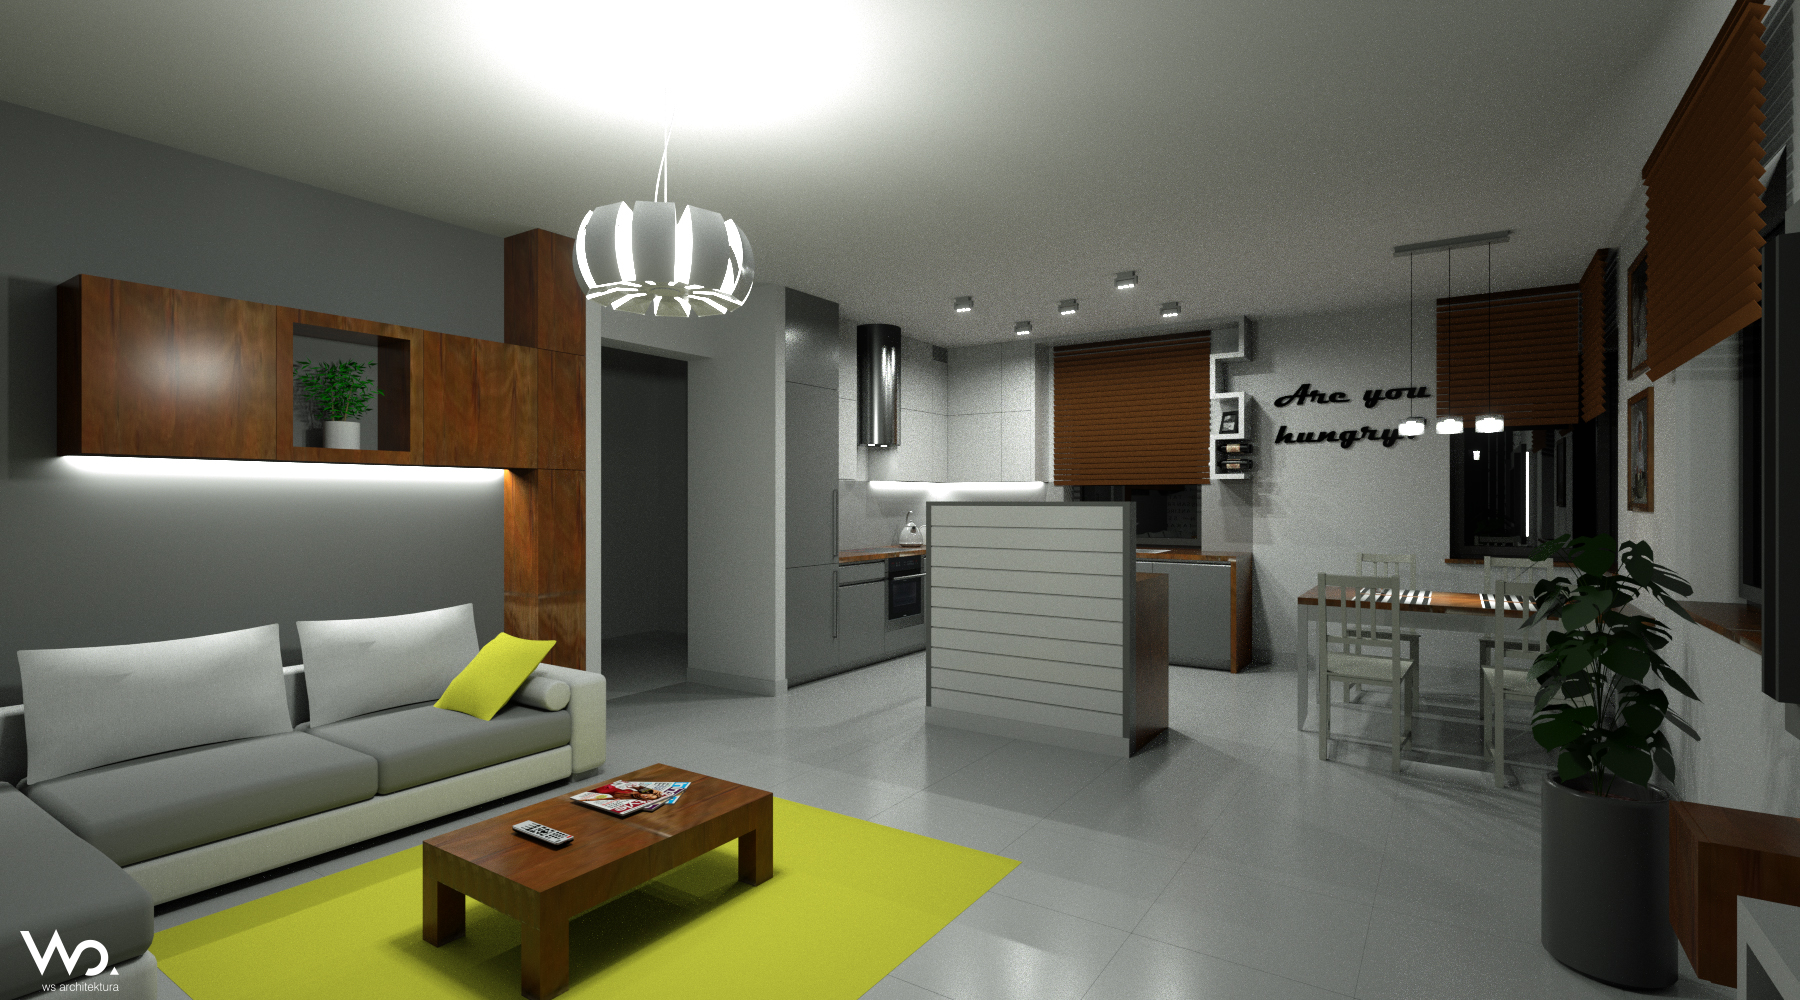 Projekty wn trz for Projekty kuchni z salonem